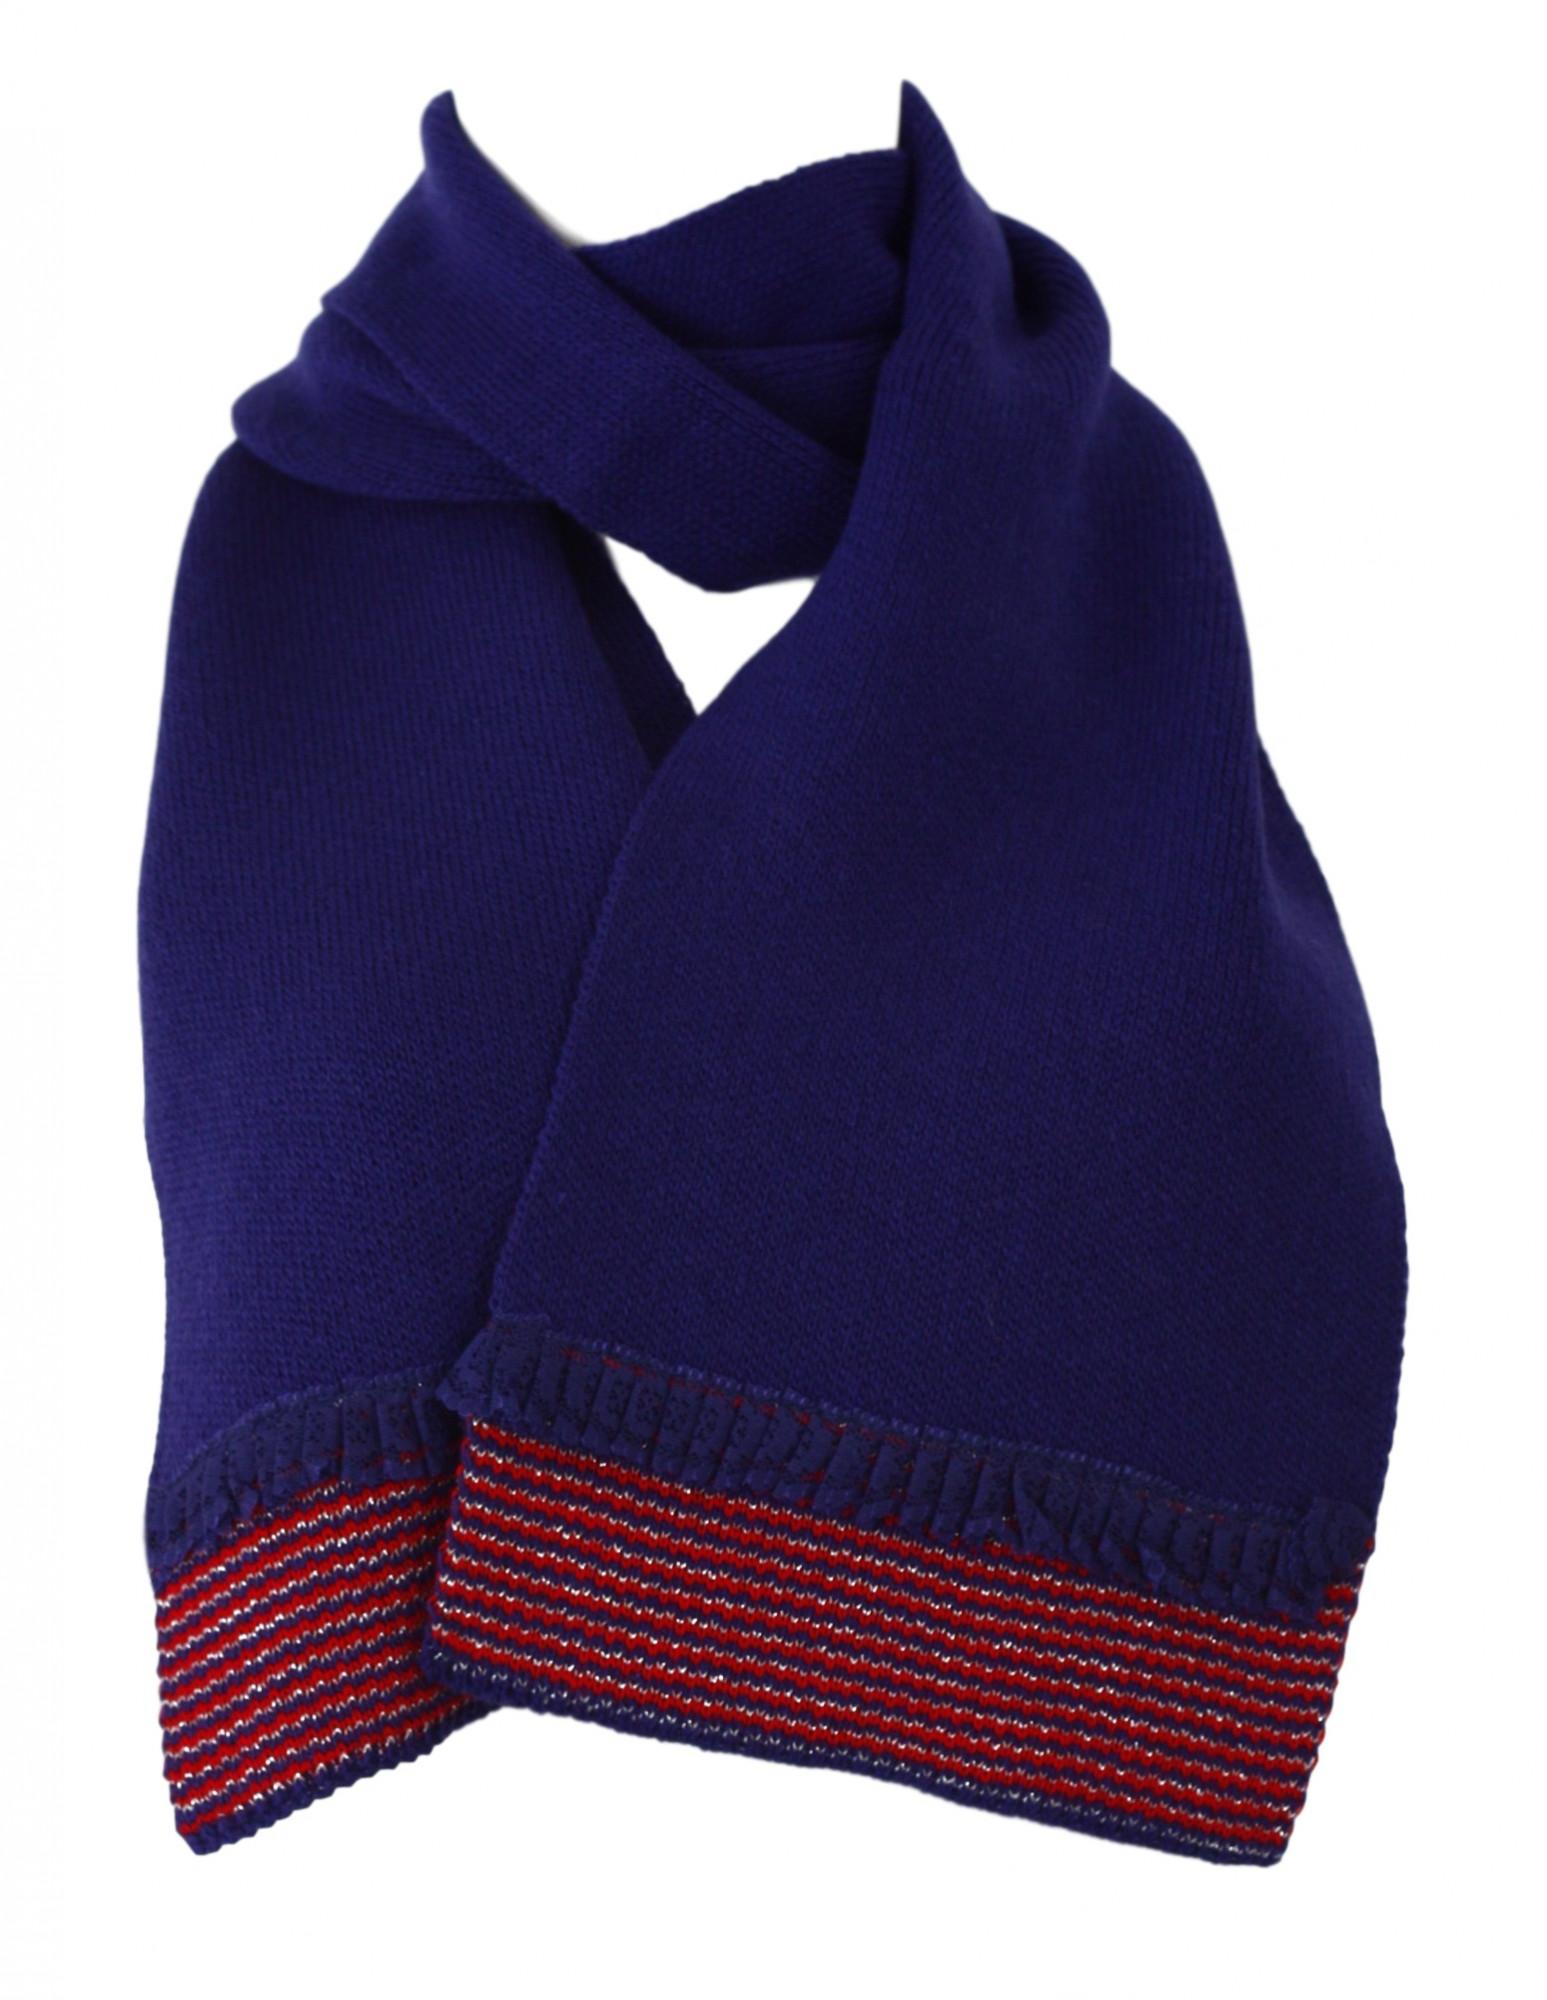 Dámská šála KA-AUR - Kamea granátová-fialová uni